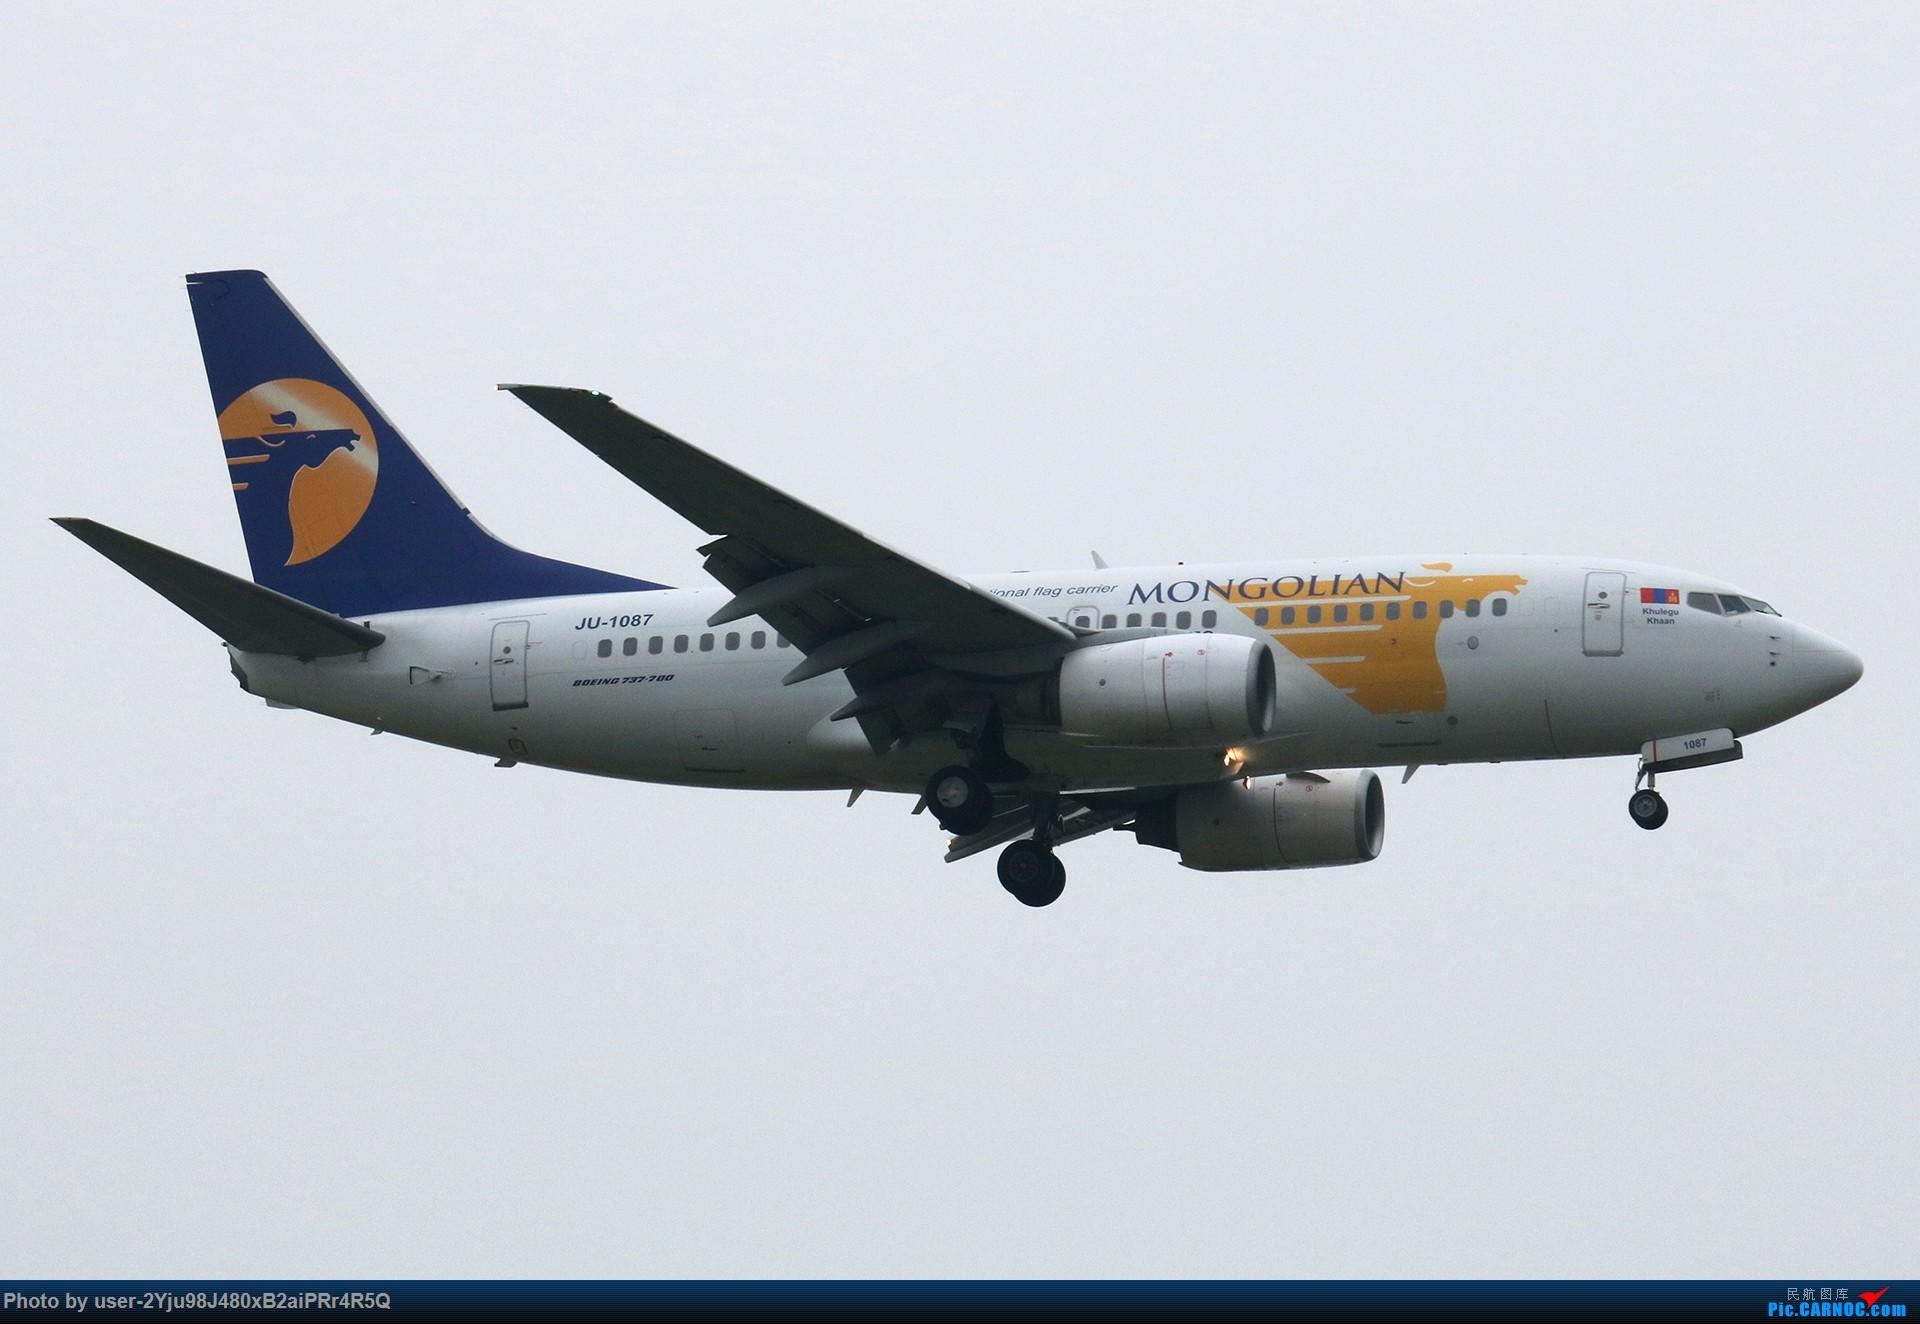 Re:[原创]PEK|01|36R|天空多灰,它们亦放亮 BOEING 737-700 JU-1087